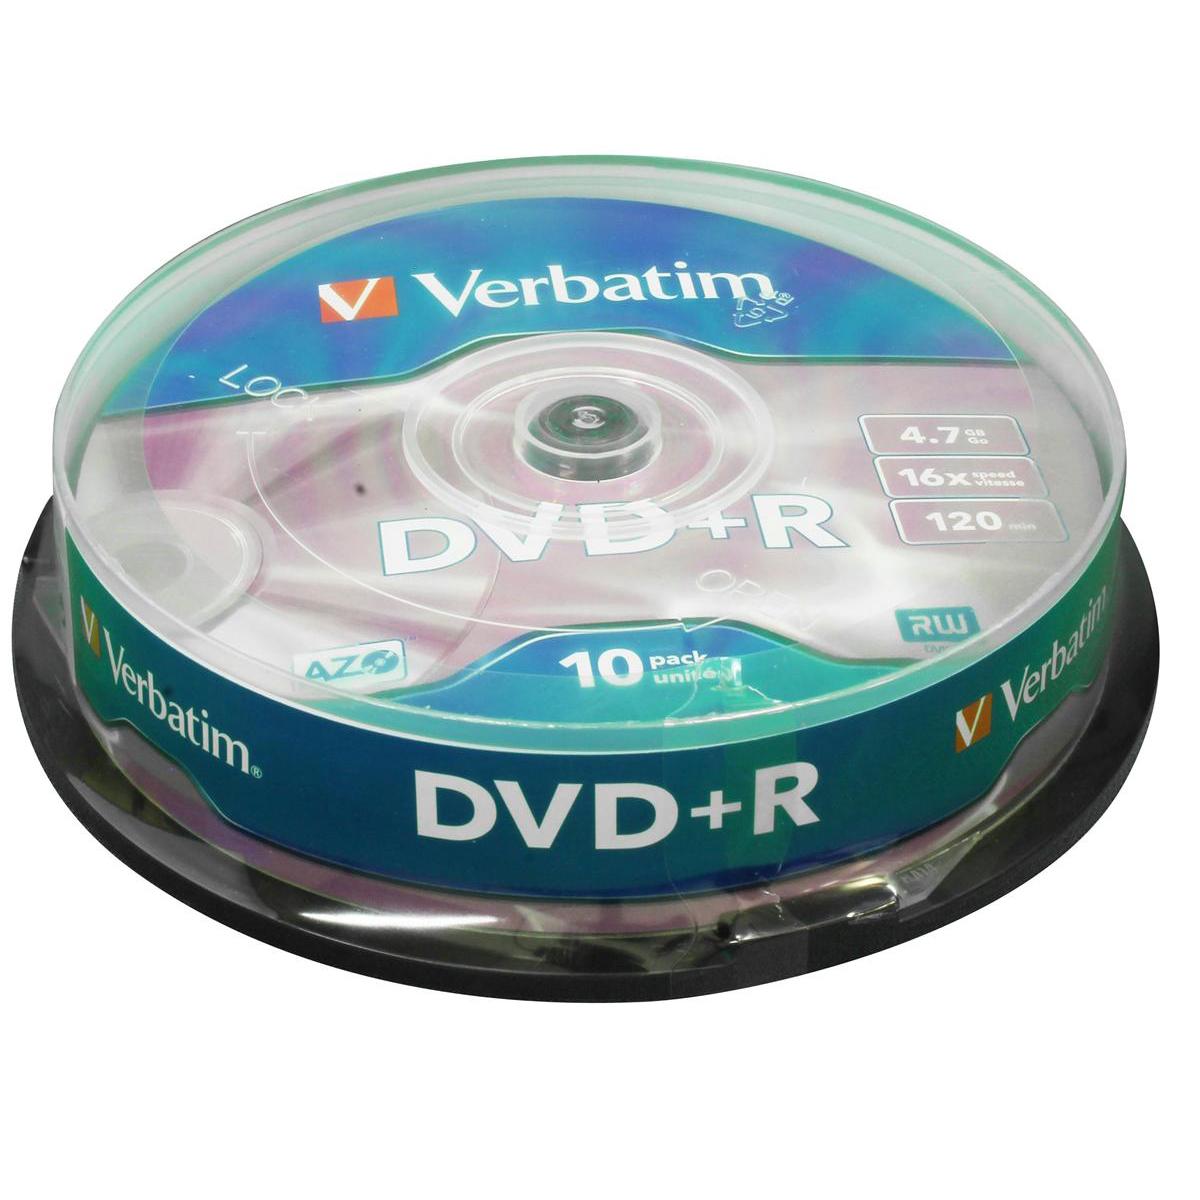 Verbatim DVD+R Spindle Ref 43498 [Pack 10]